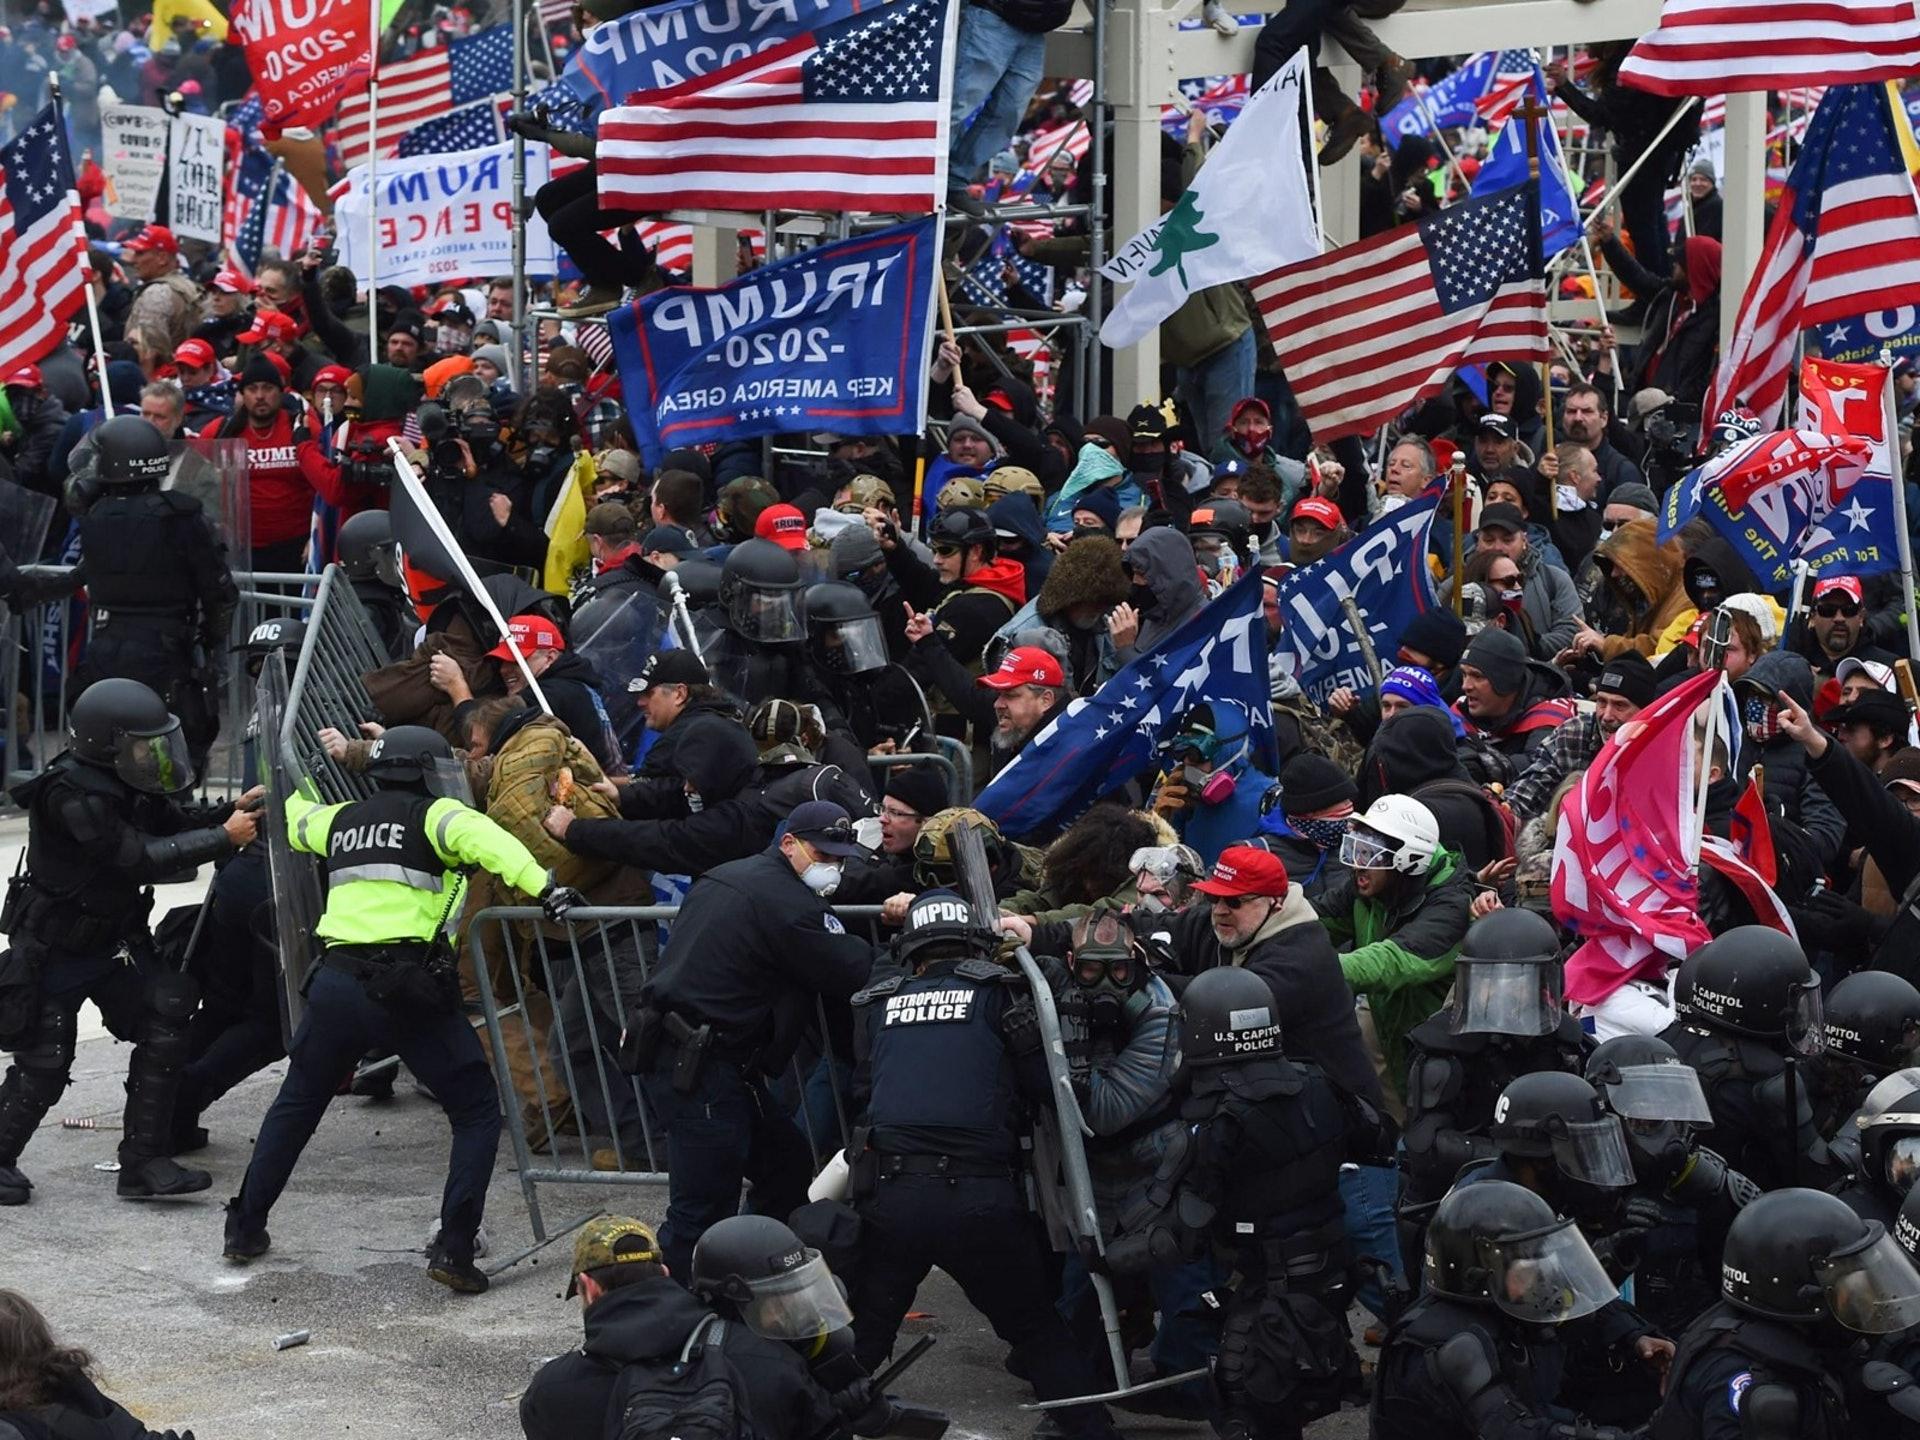 2021年1月6日不滿總統大選結果的特朗普支持者,進佔美國國會大廈,結果與警察爆發激烈衝突。(AFP)